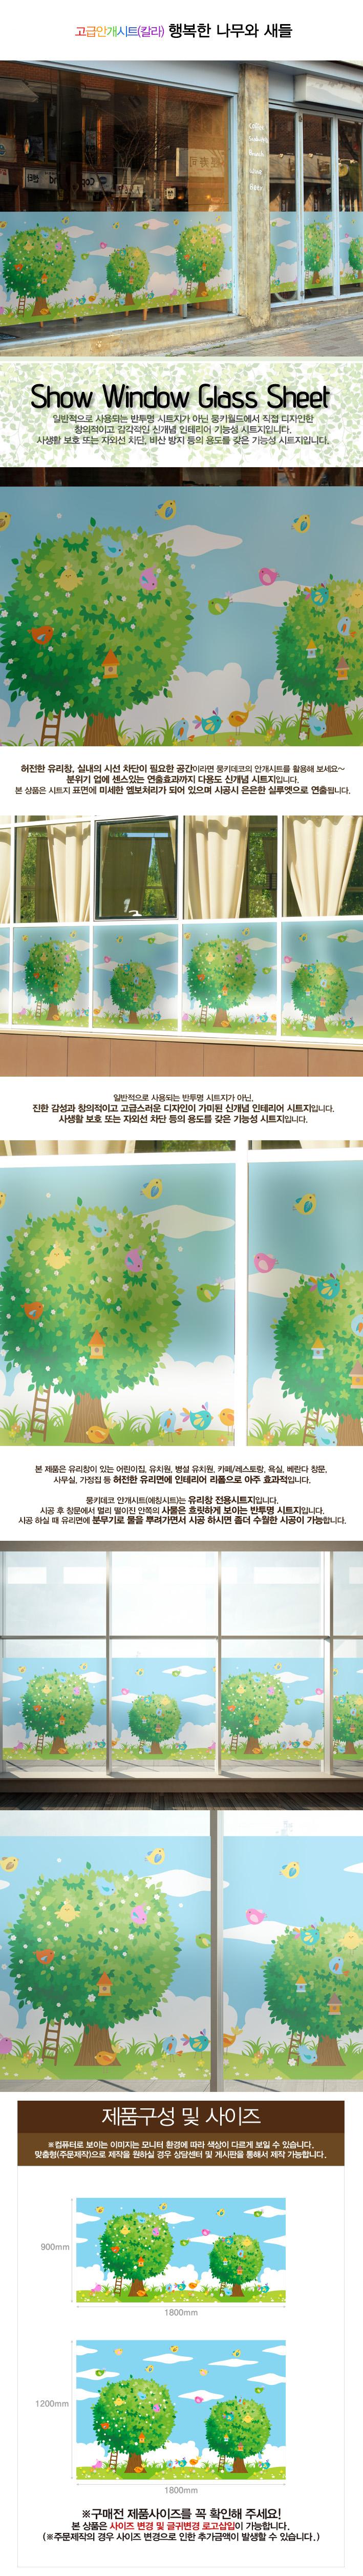 고급칼라안개시트_행복한 나무와 새들 - 뭉키, 38,400원, 벽지/시트지, 플라워 시트